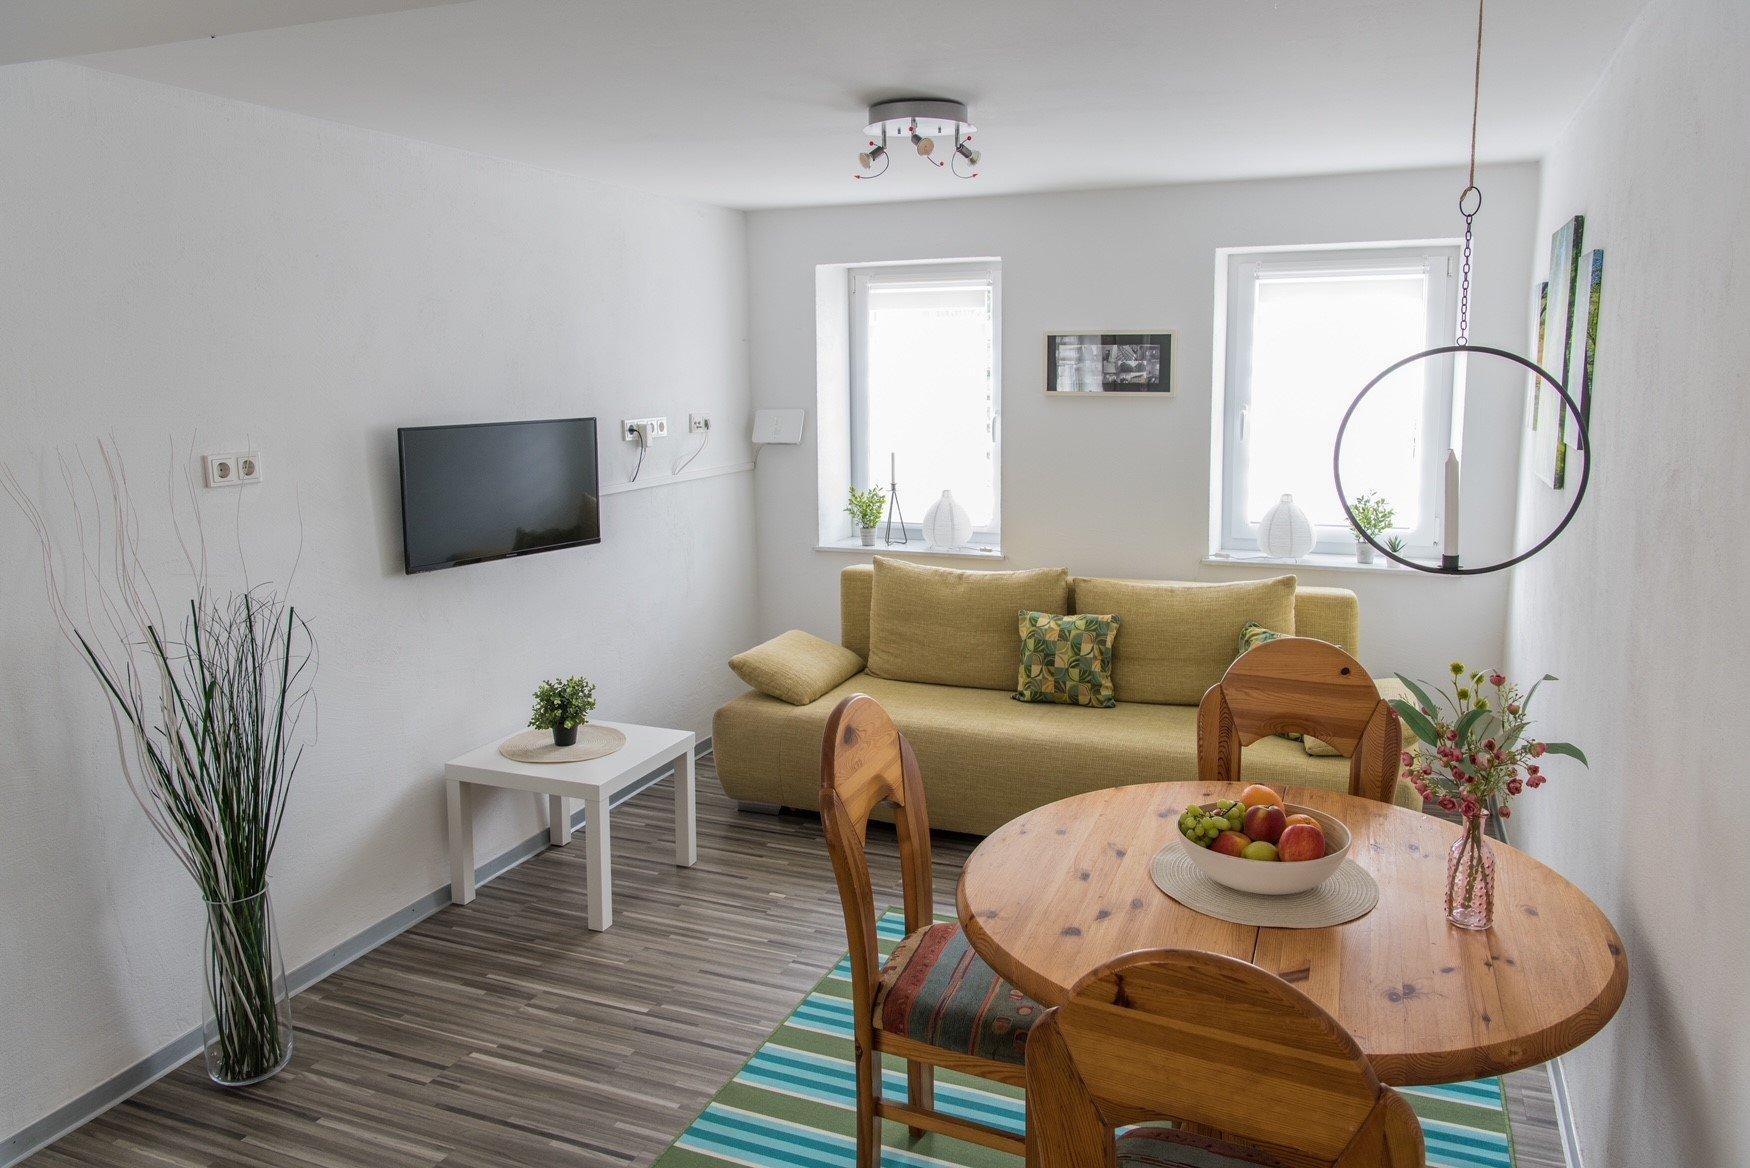 Gelbe Couch, Tisch mit 3 Stühlen, Fernseher auf Laminatboden